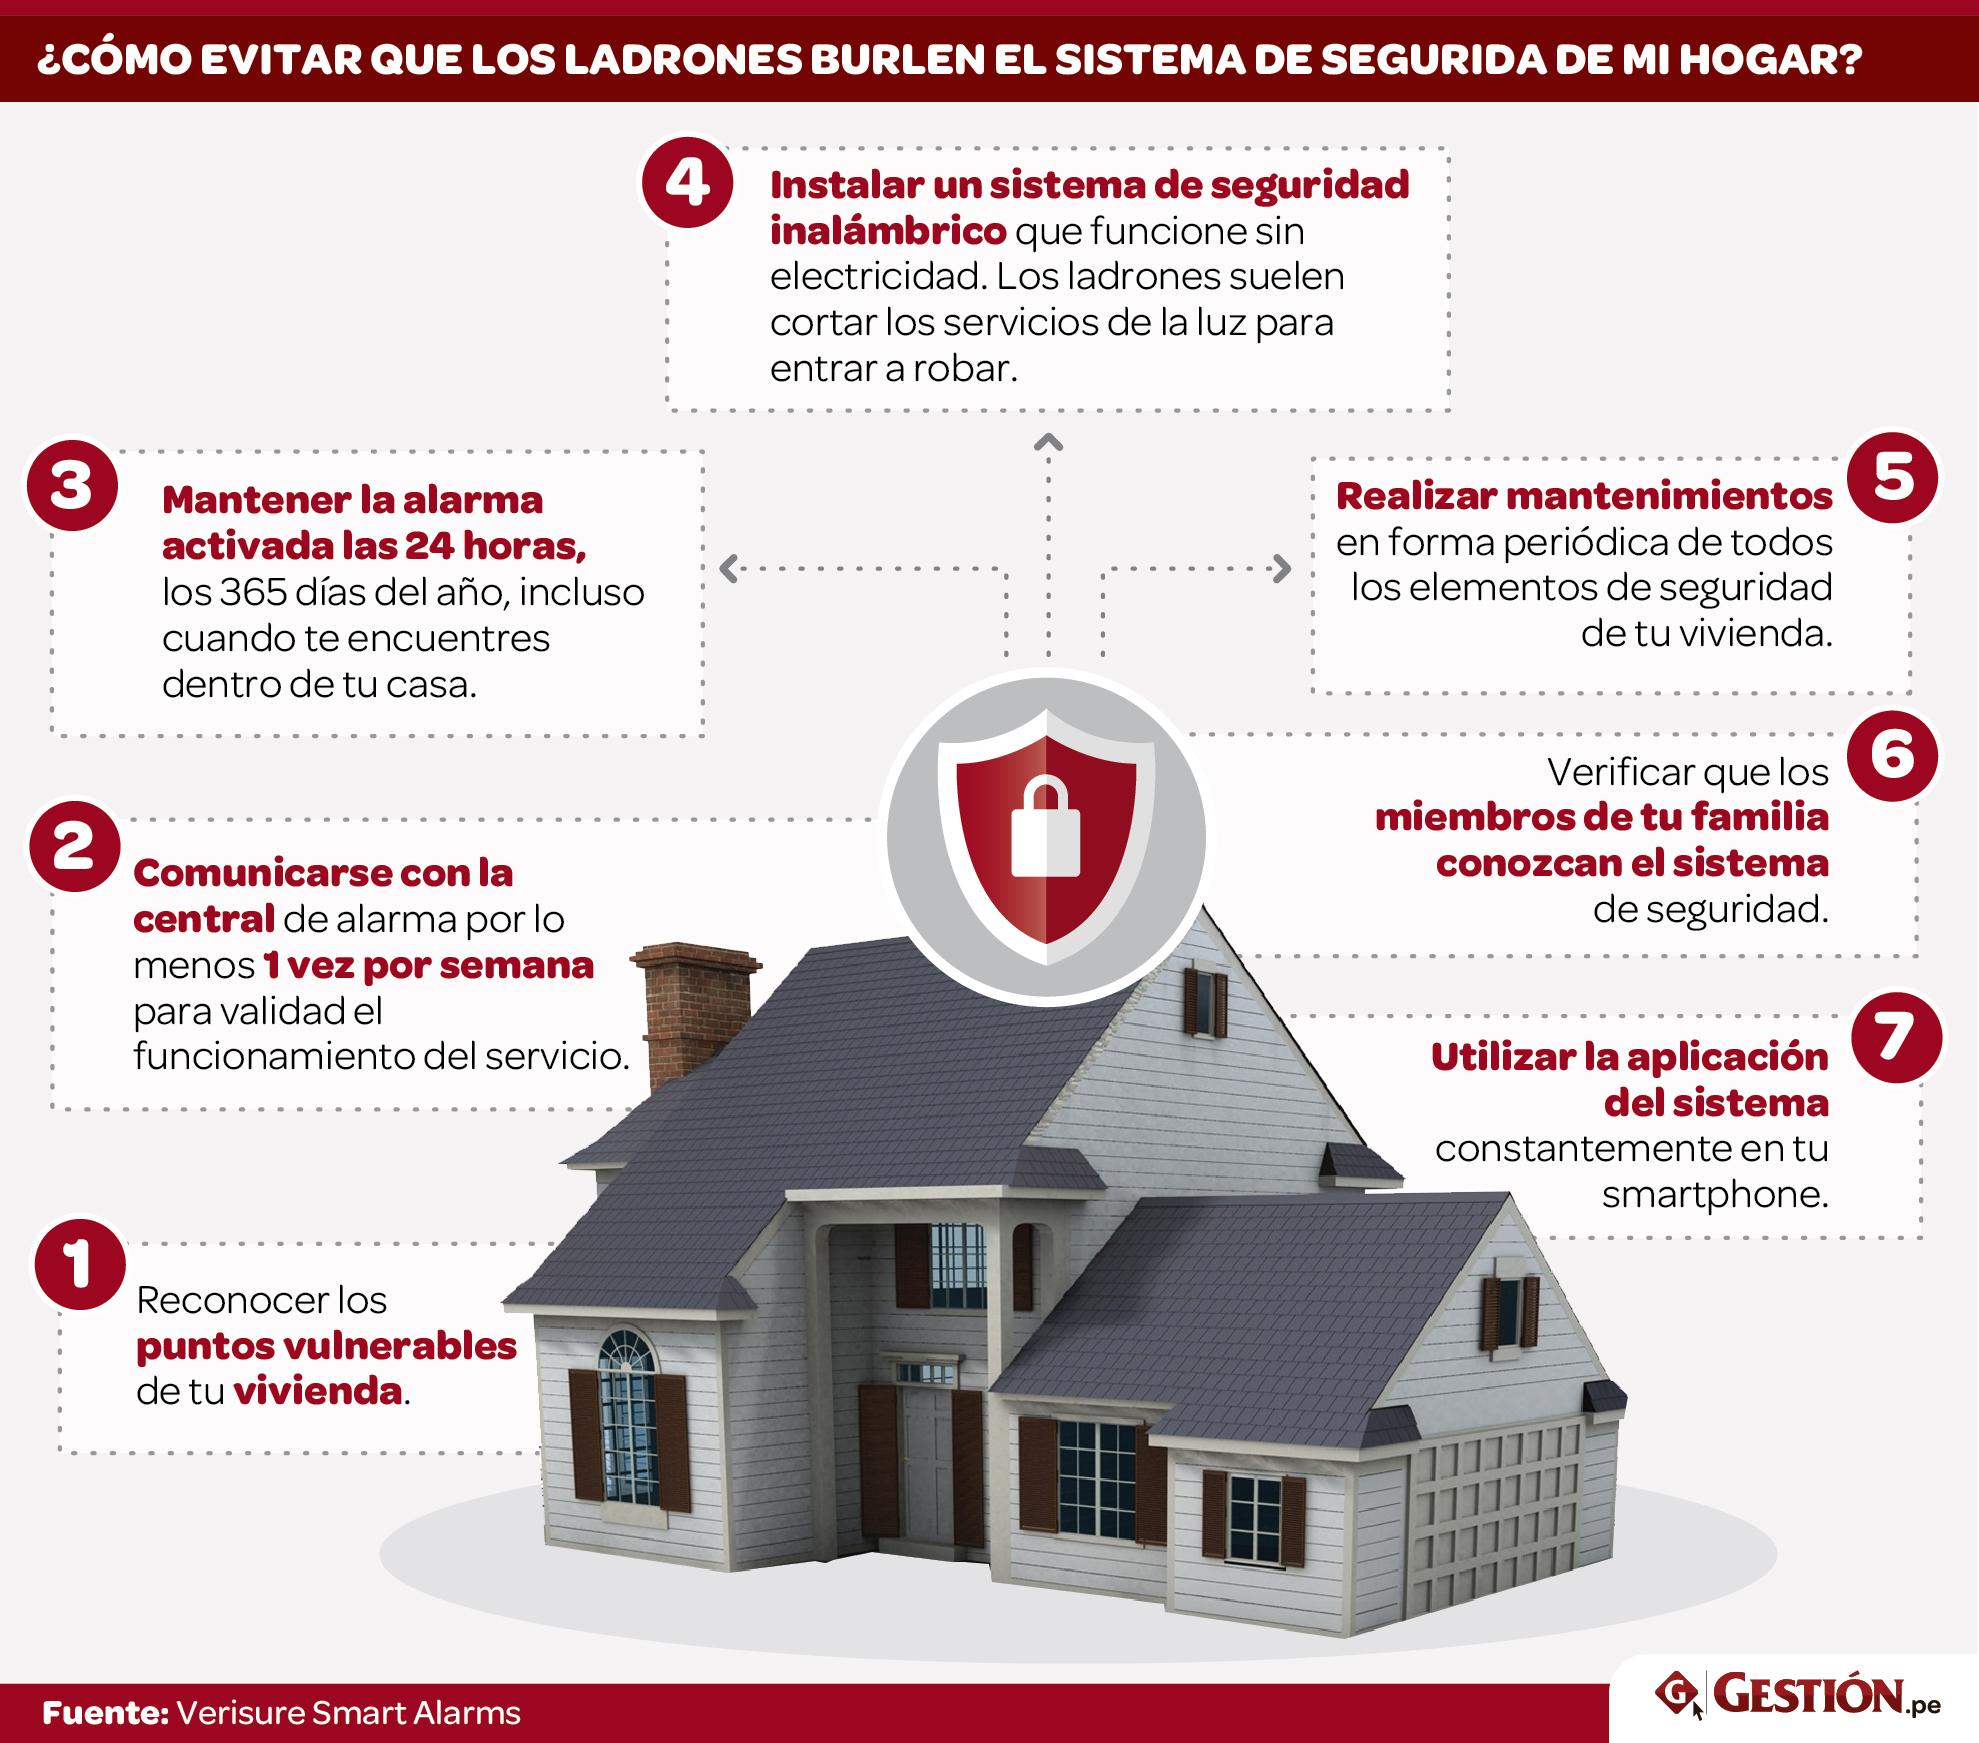 C mo evitar que los ladrones burlen el sistema de seguridad de su casa tendencias gestion - Como evitar la condensacion en casa ...